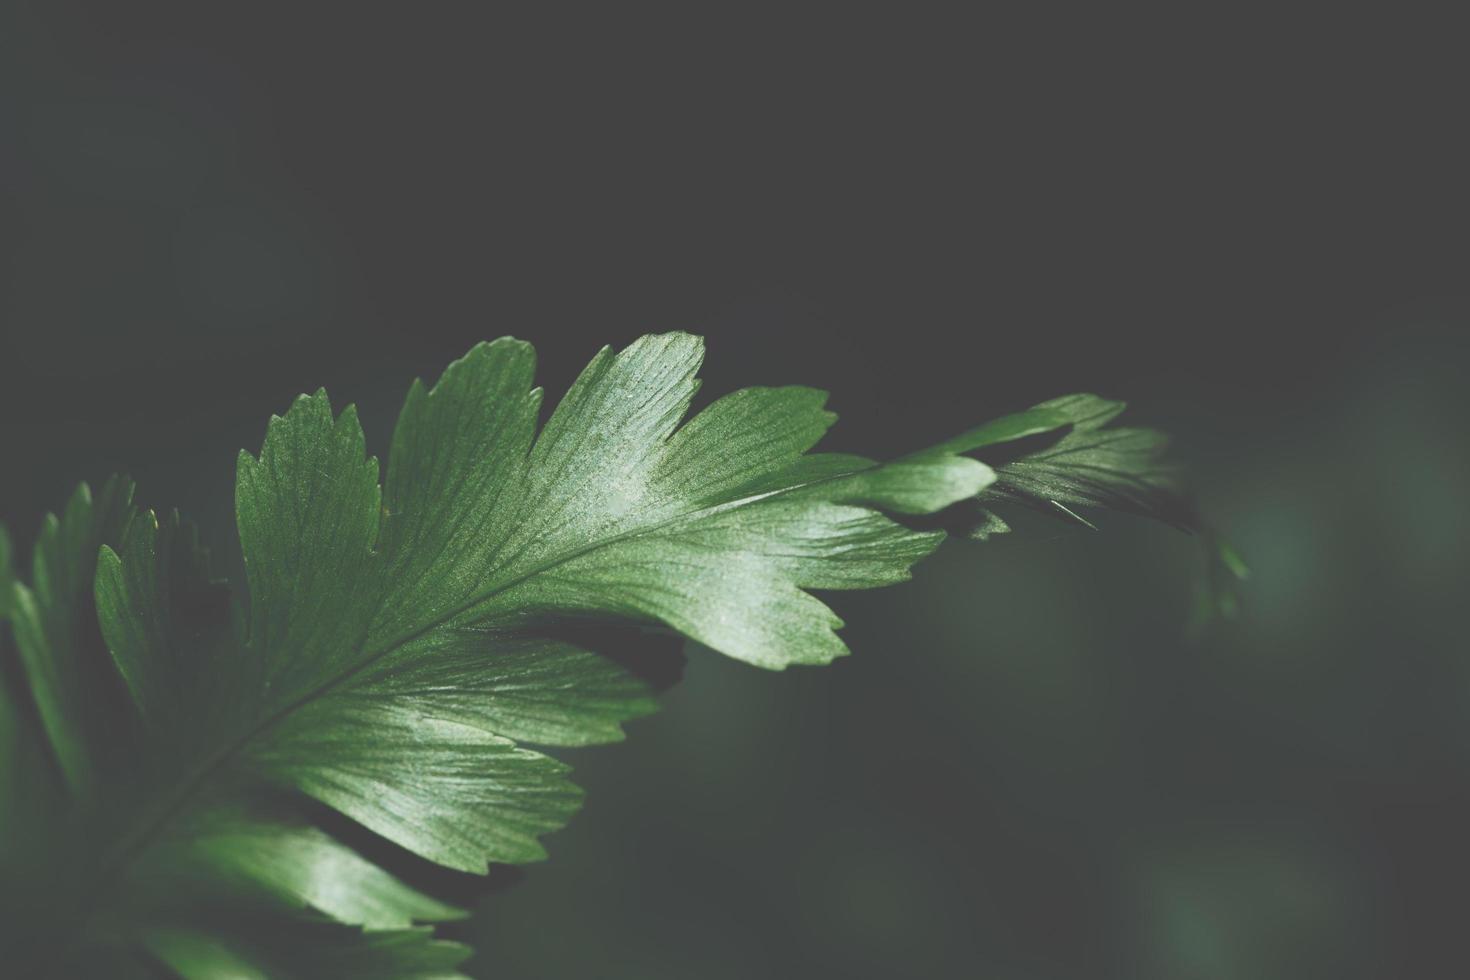 dunkler Blatthintergrund foto